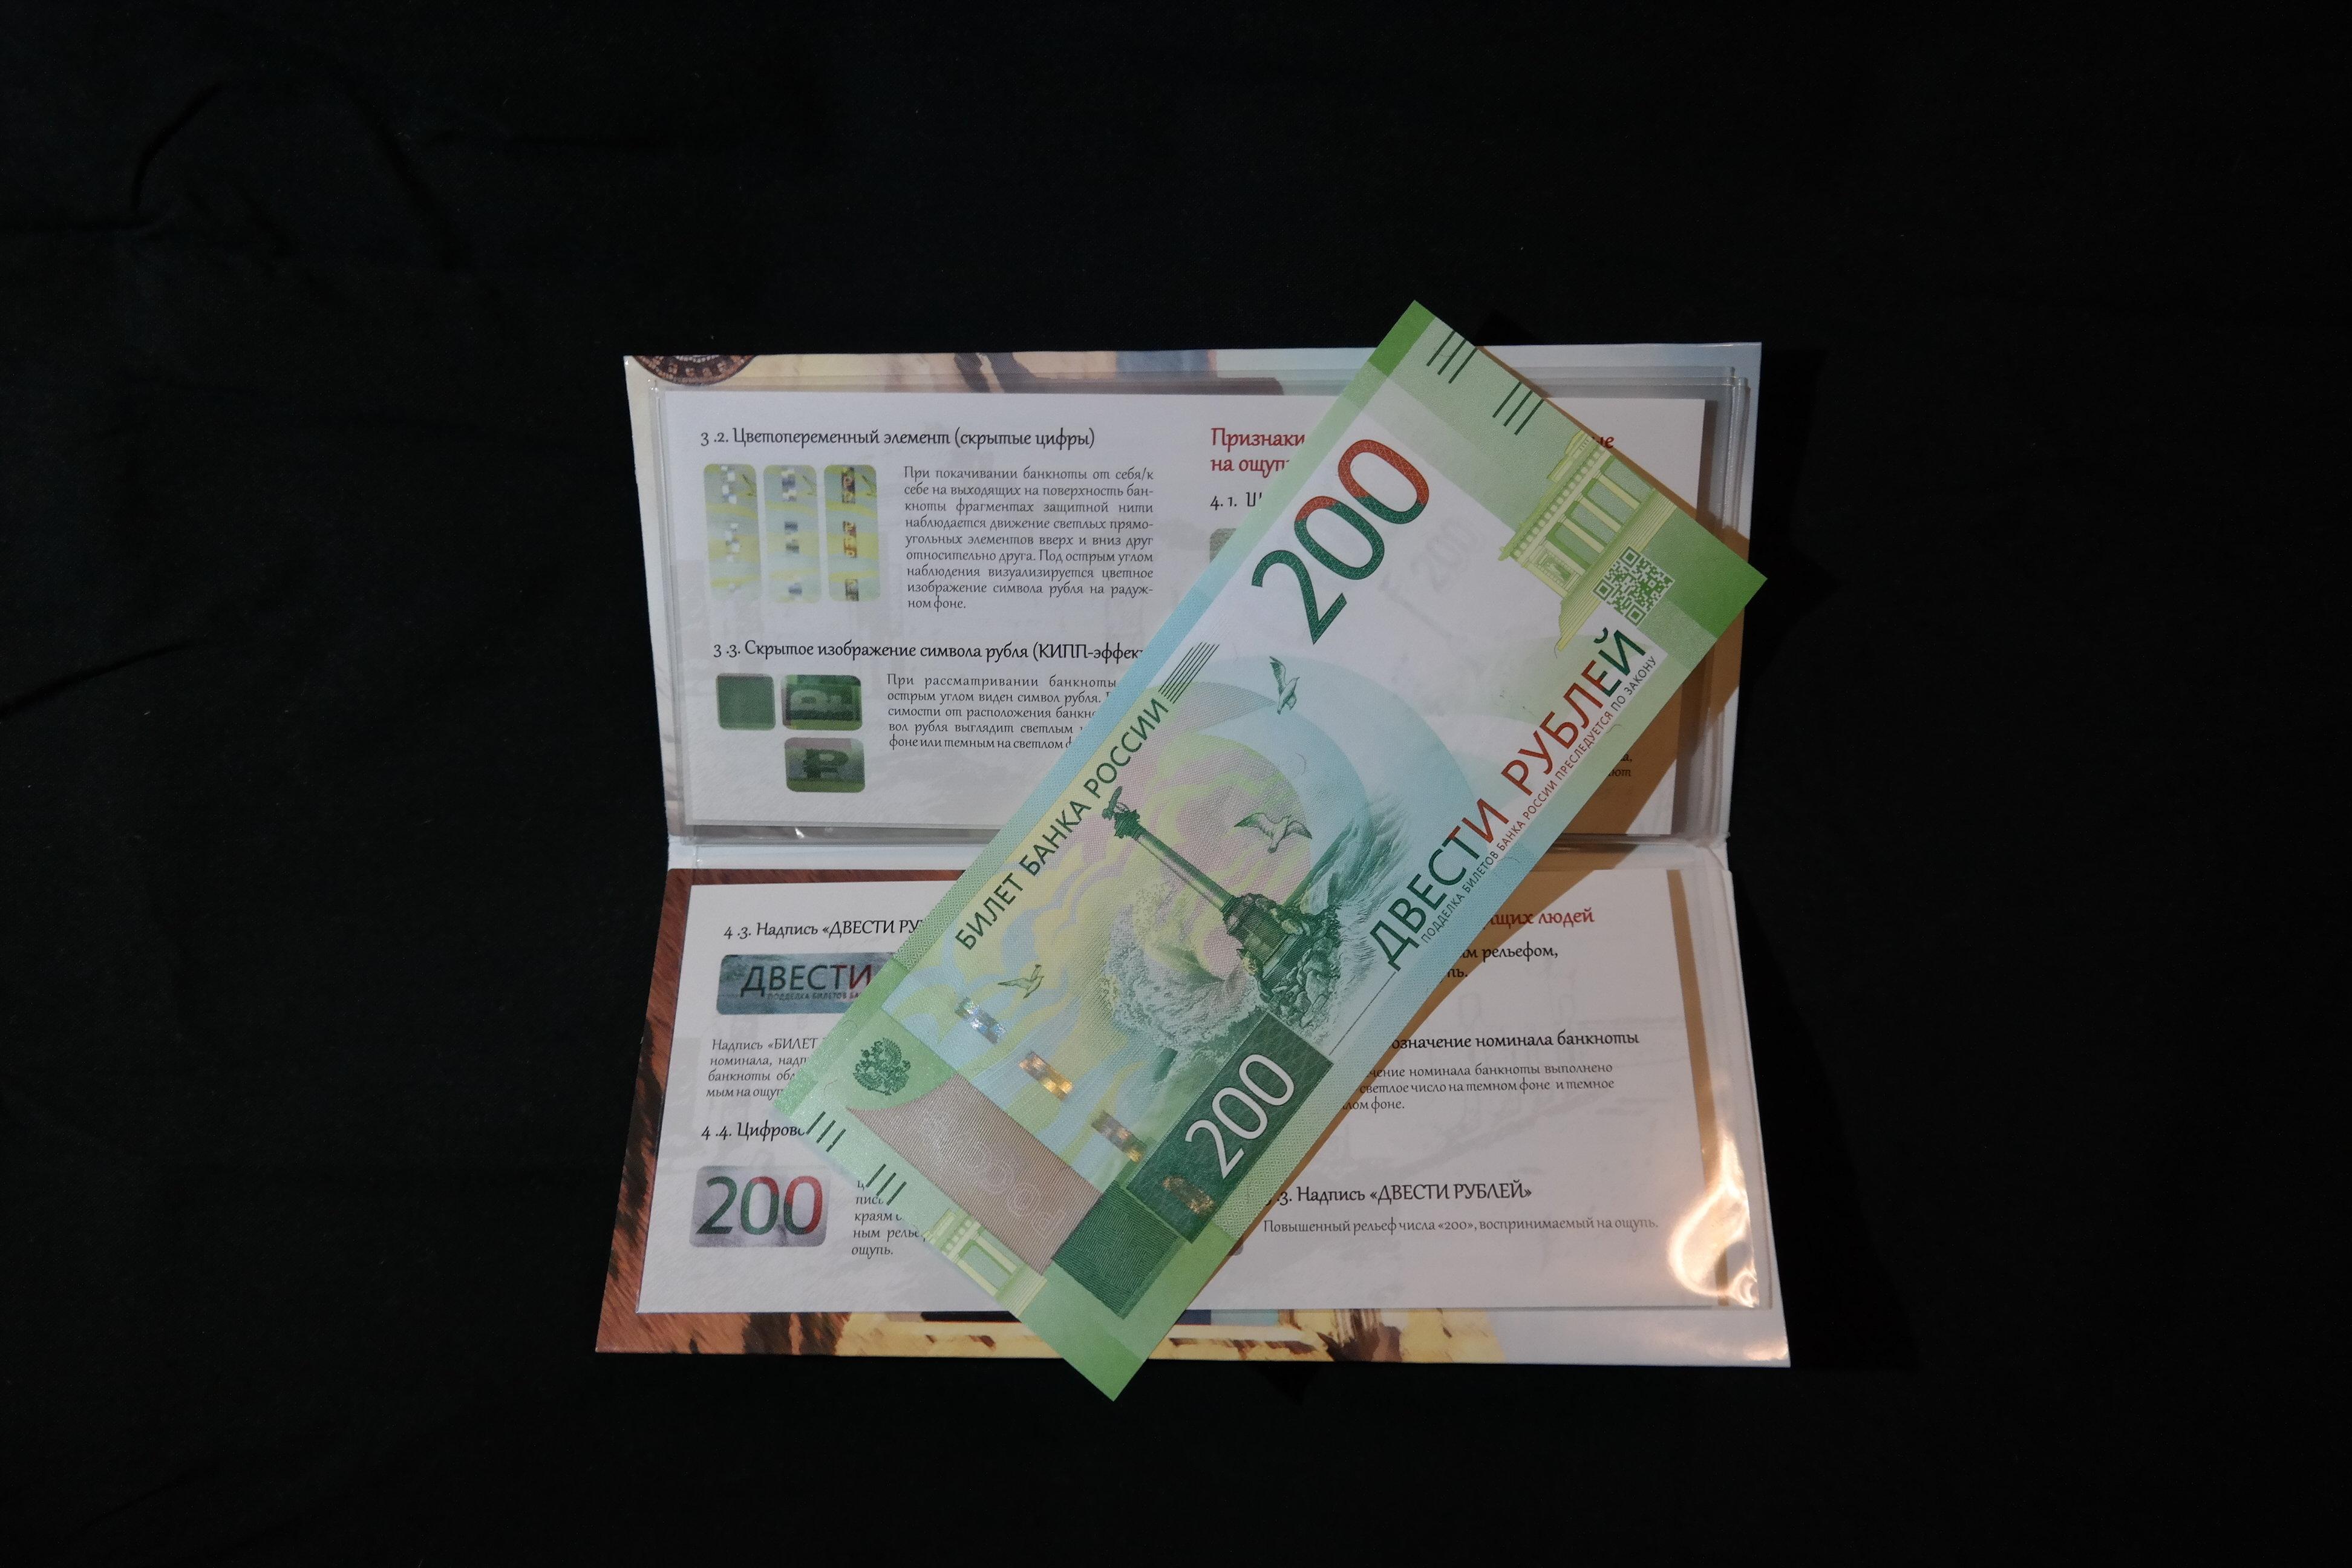 Открытка для банкнот Банка России 200 рублей